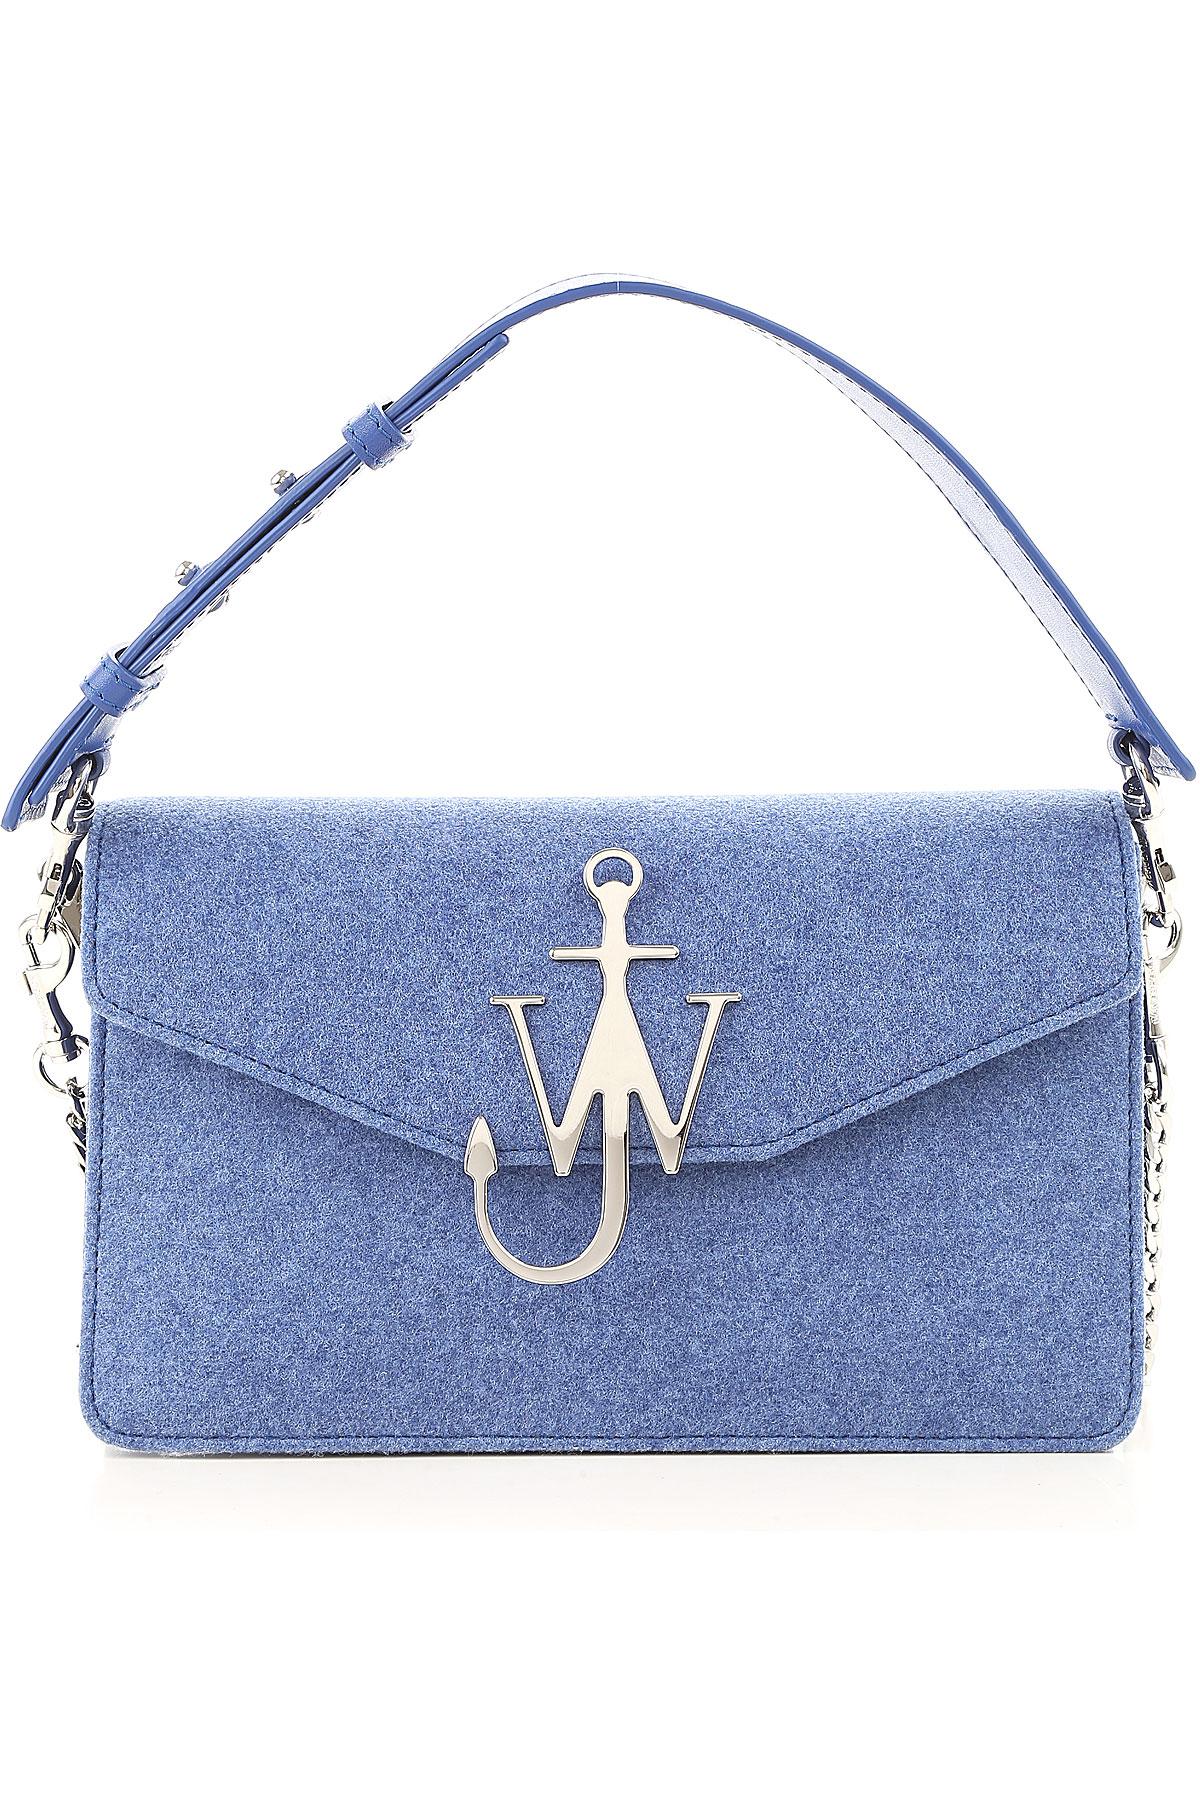 Image of J.W.Anderson Shoulder Bag for Women, Royal, Felt, 2017